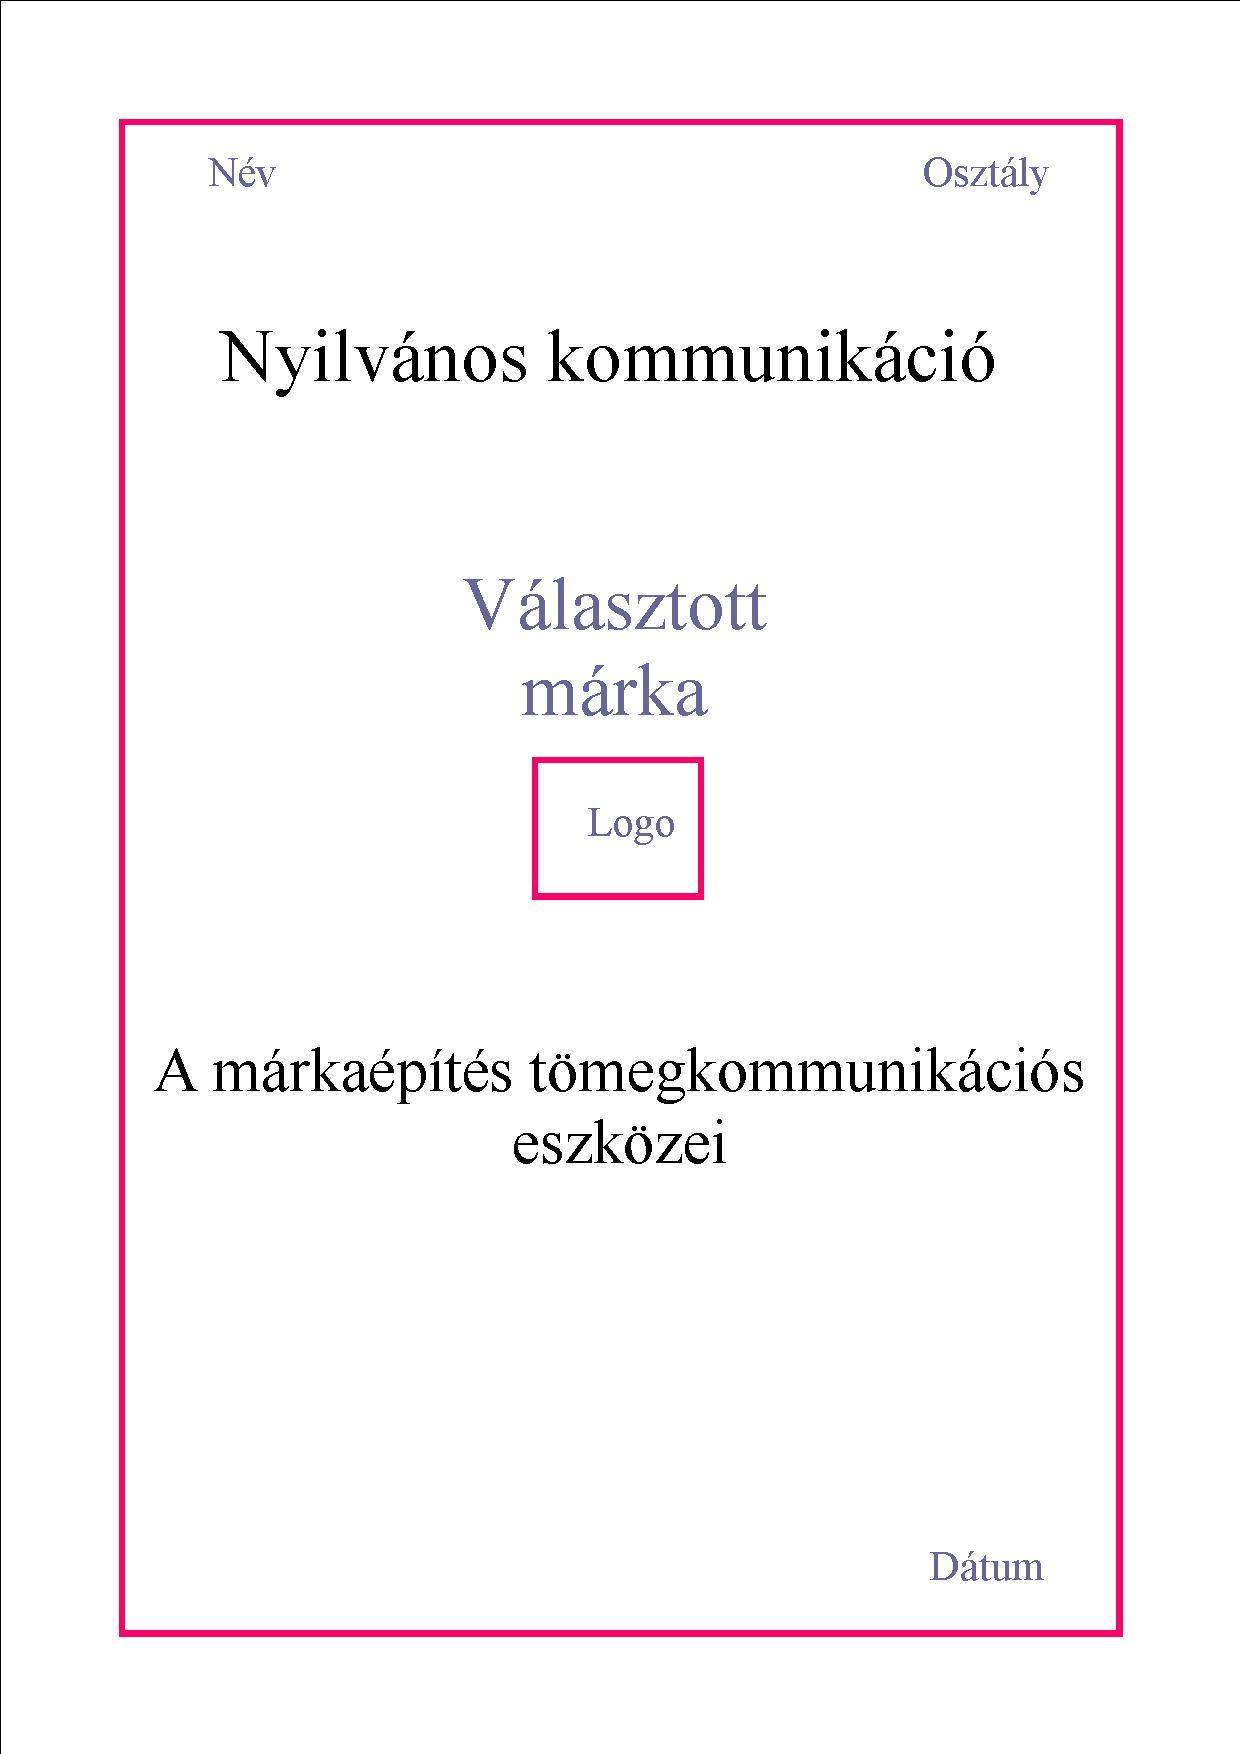 marka_1.jpg